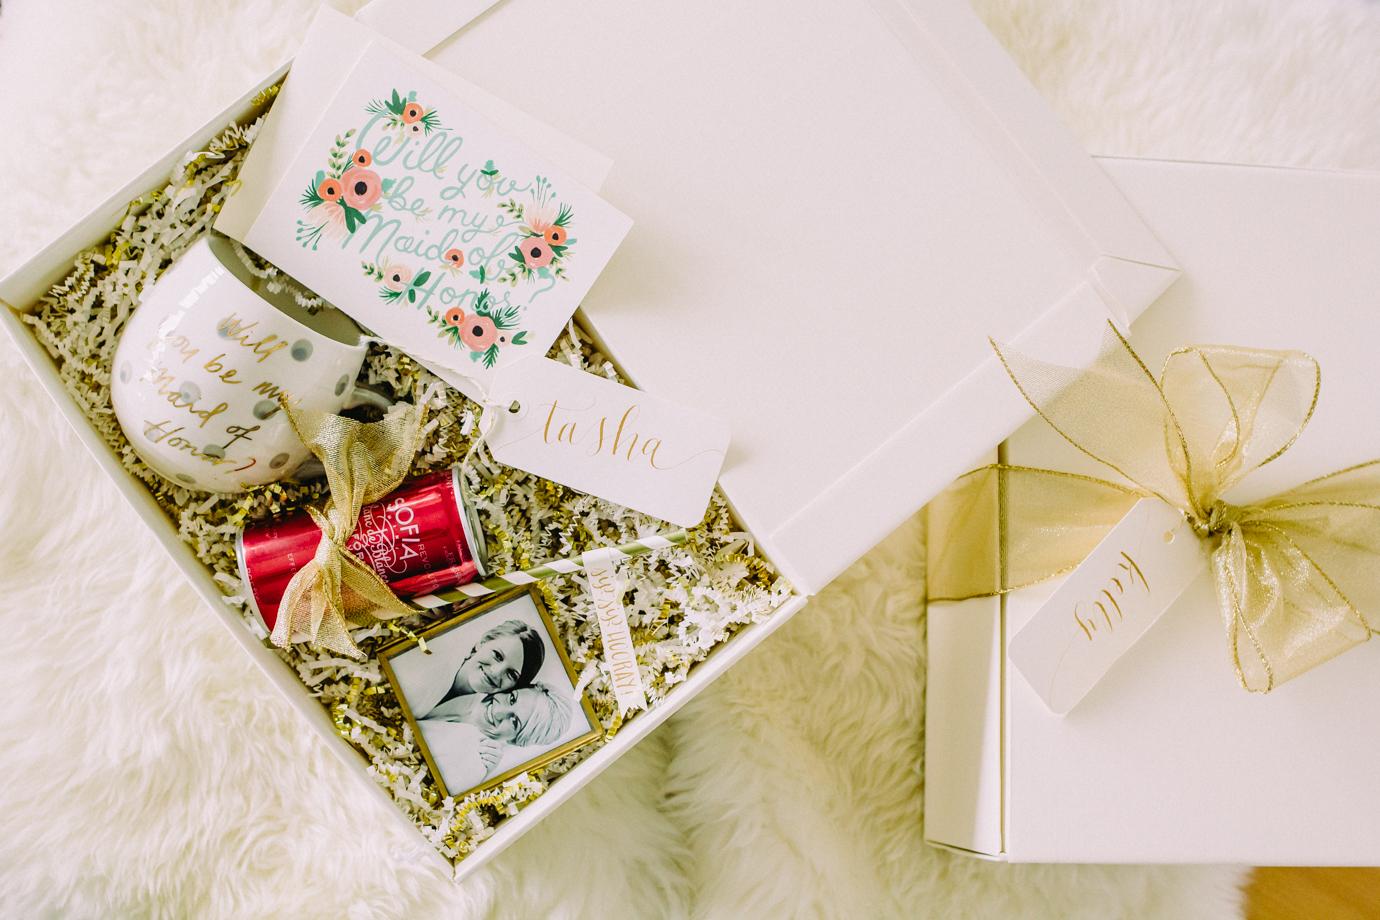 The Golden Girl Blog